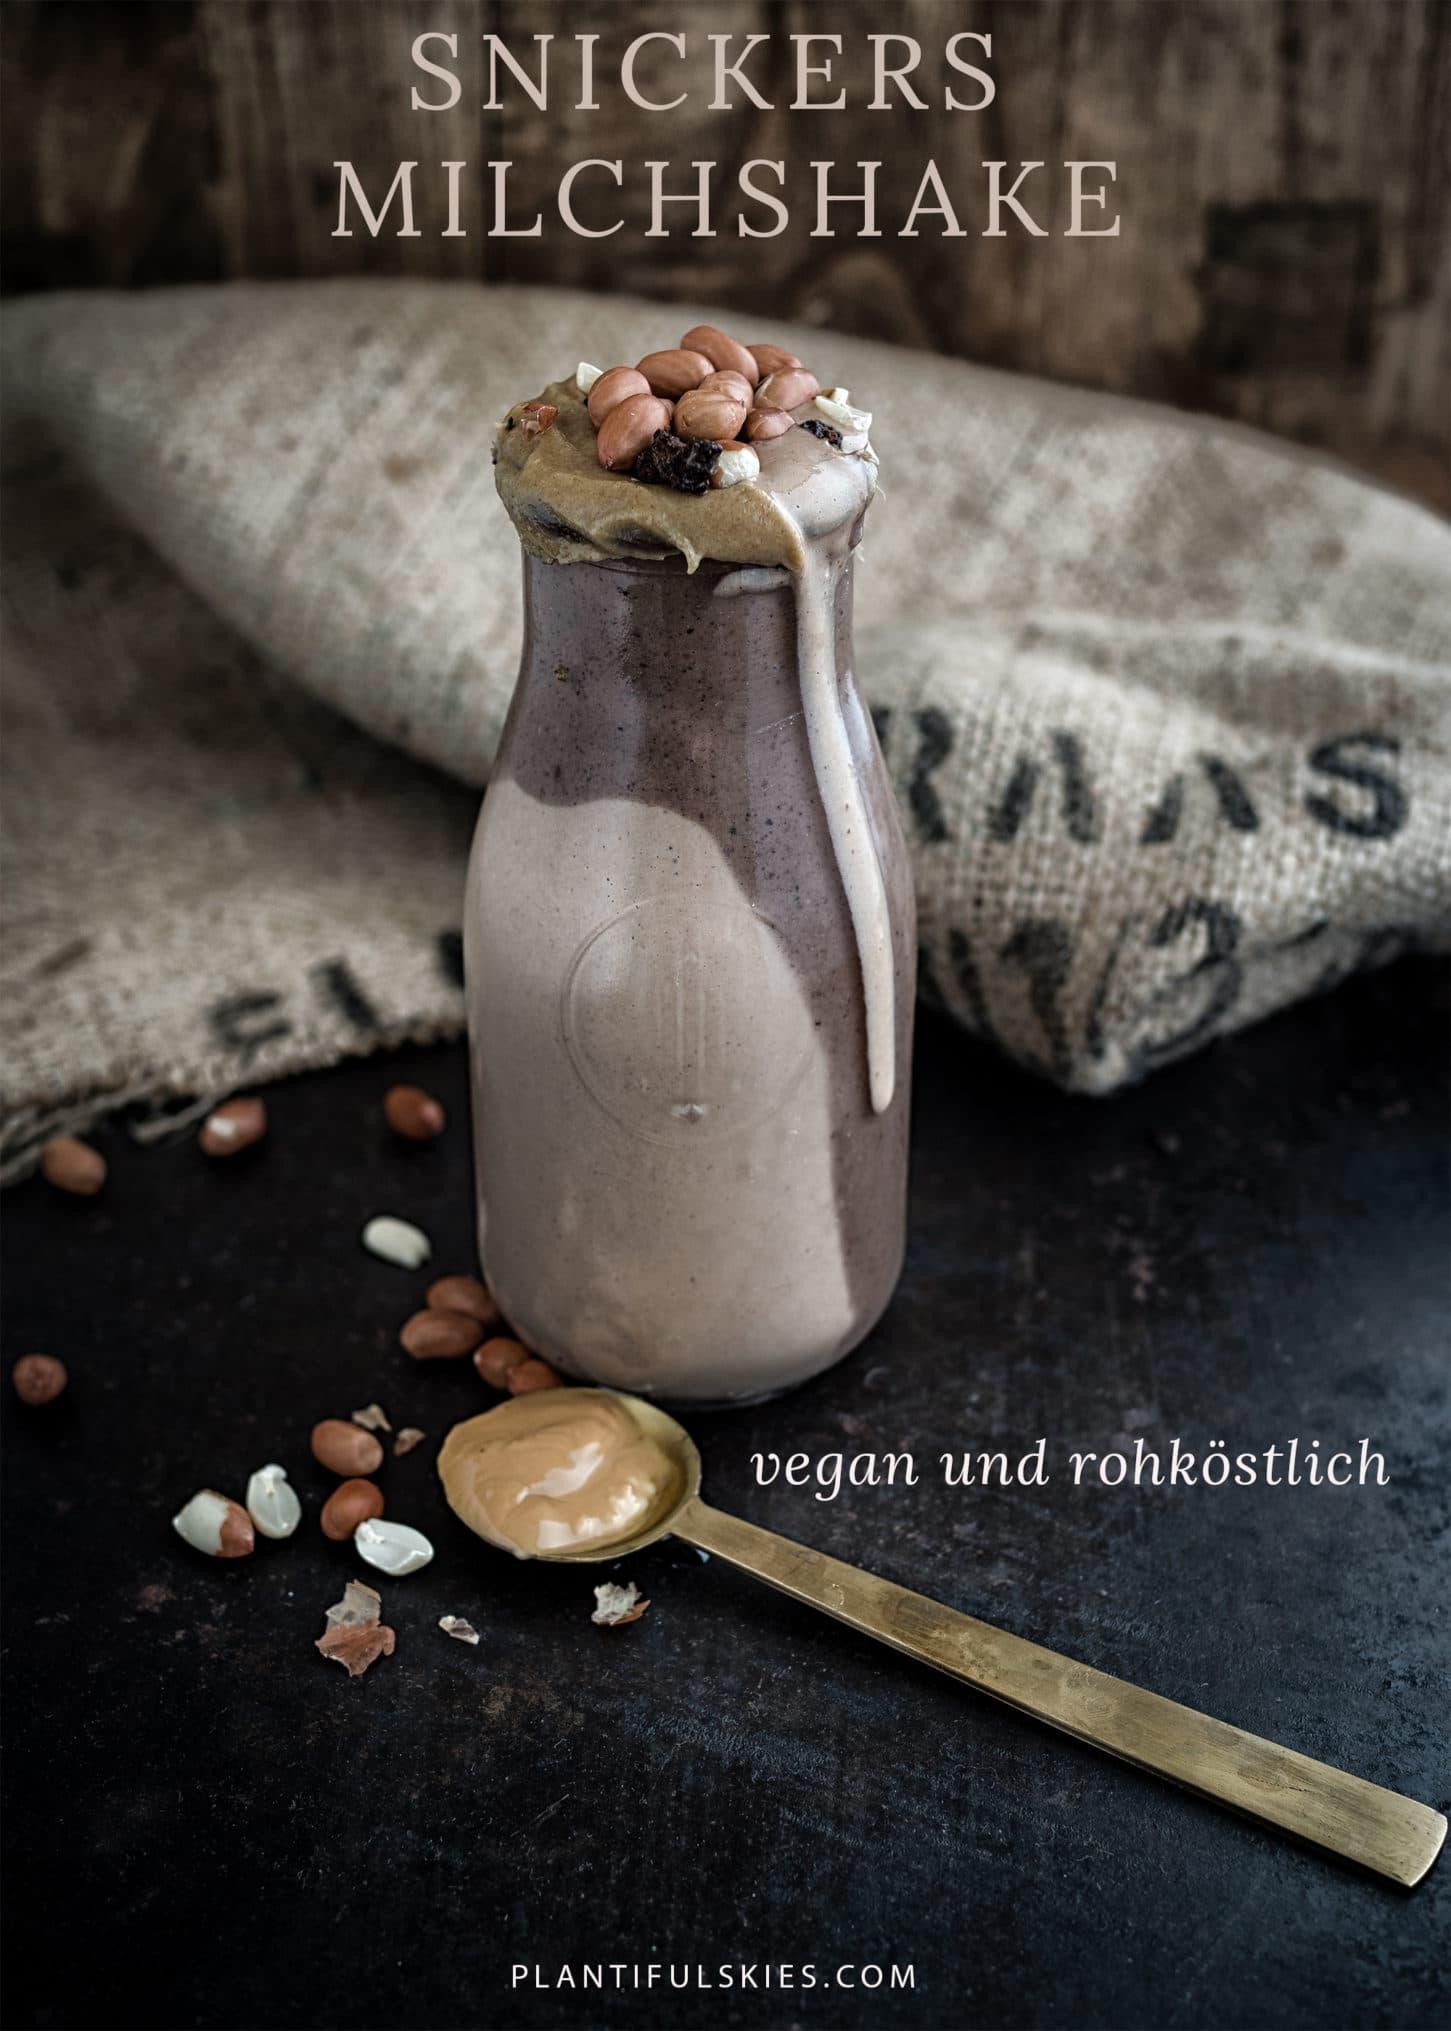 Snickers Milchshake vegan und rohköstlich